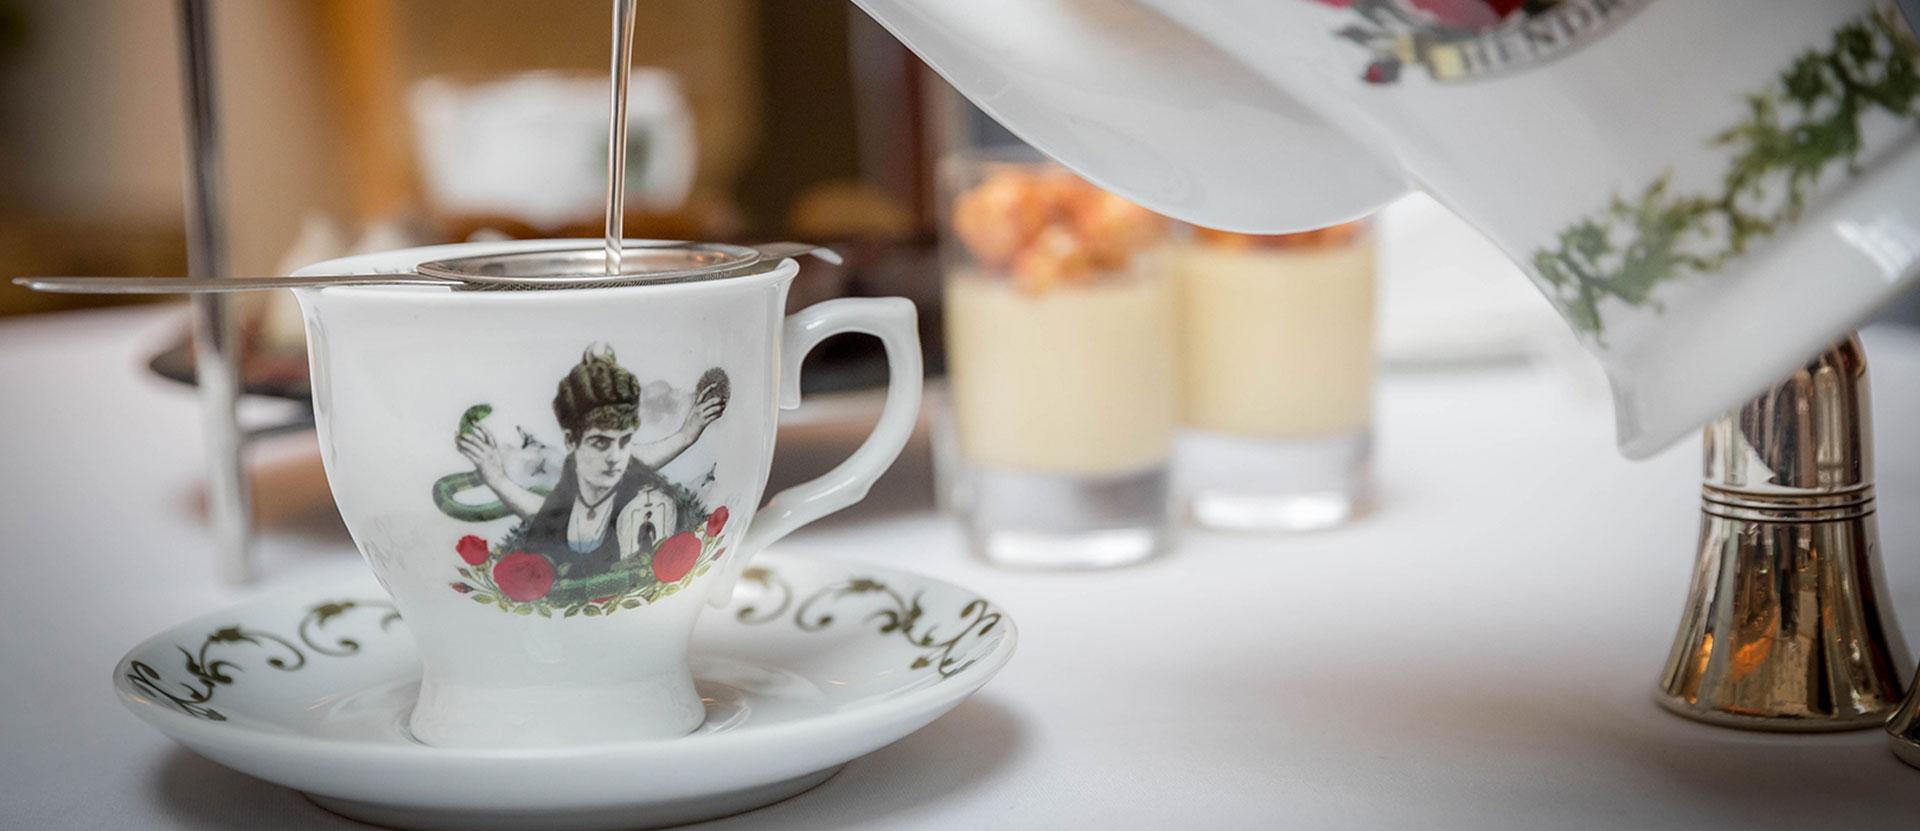 Afternoon Tea Dublin